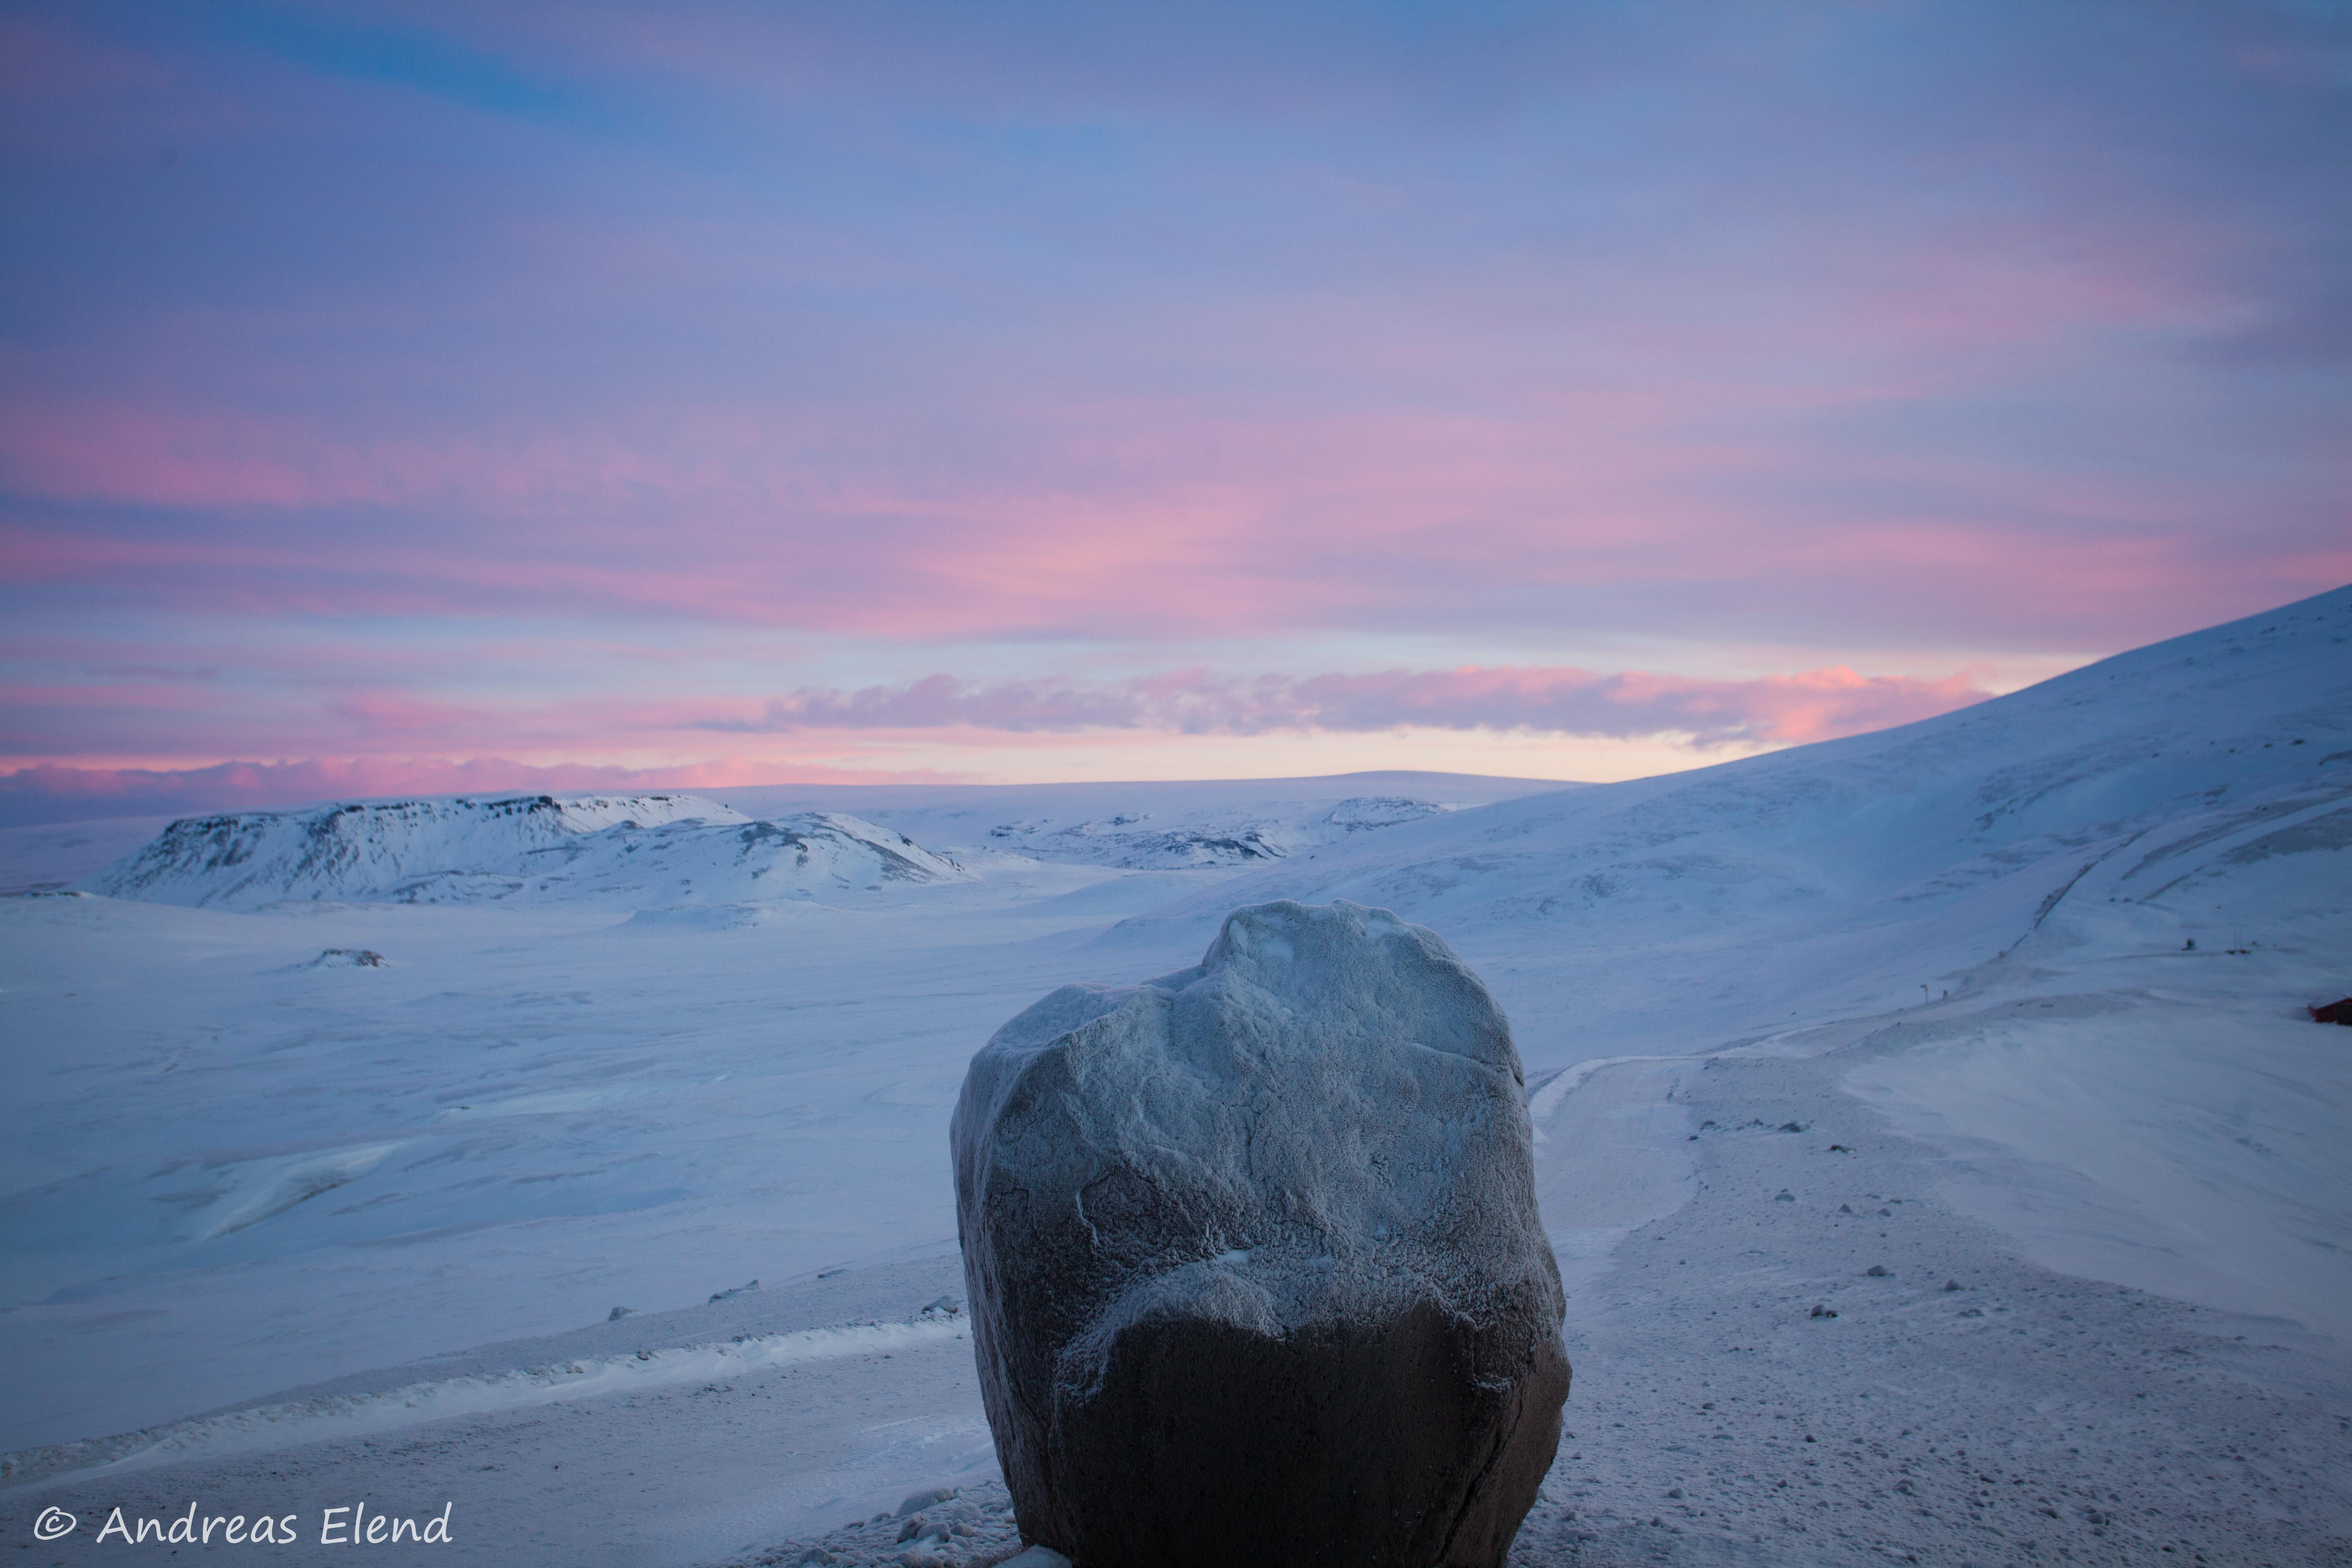 Sonnenaufgang im eisigen Hochland